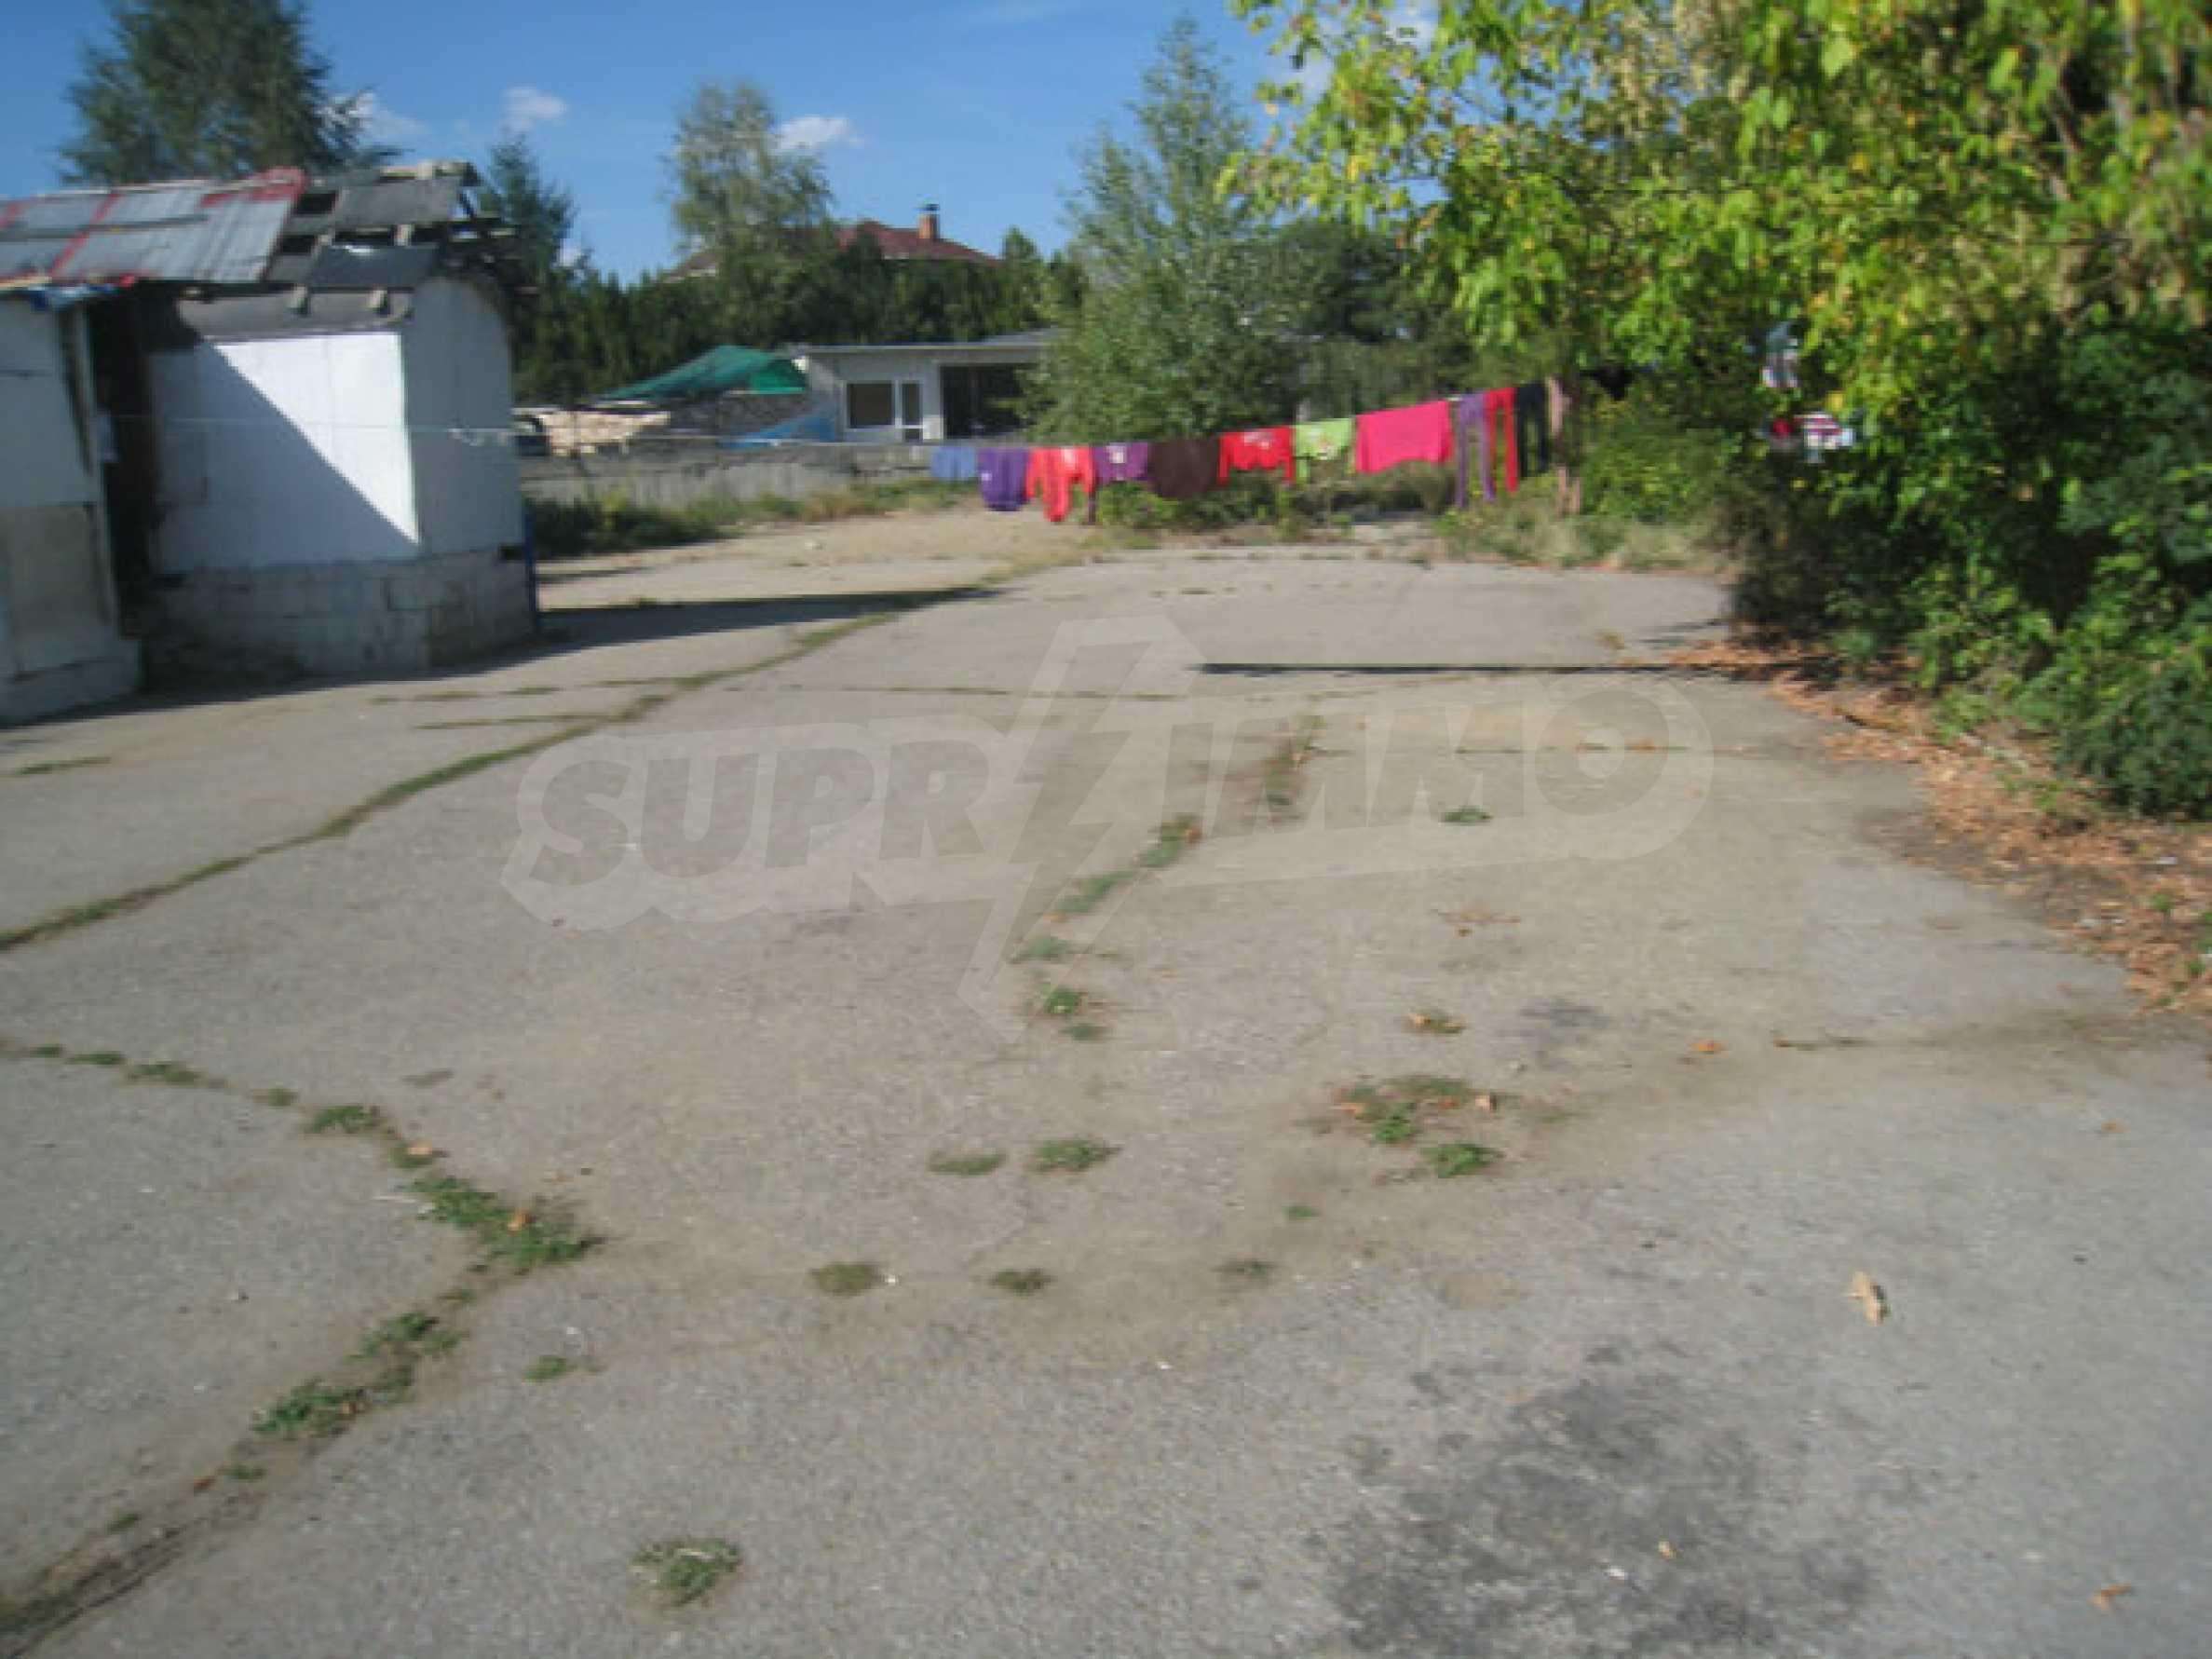 Großes reguliertes Grundstück für den Bau eines Privatgrundstücks in der Nähe von Sofia 2